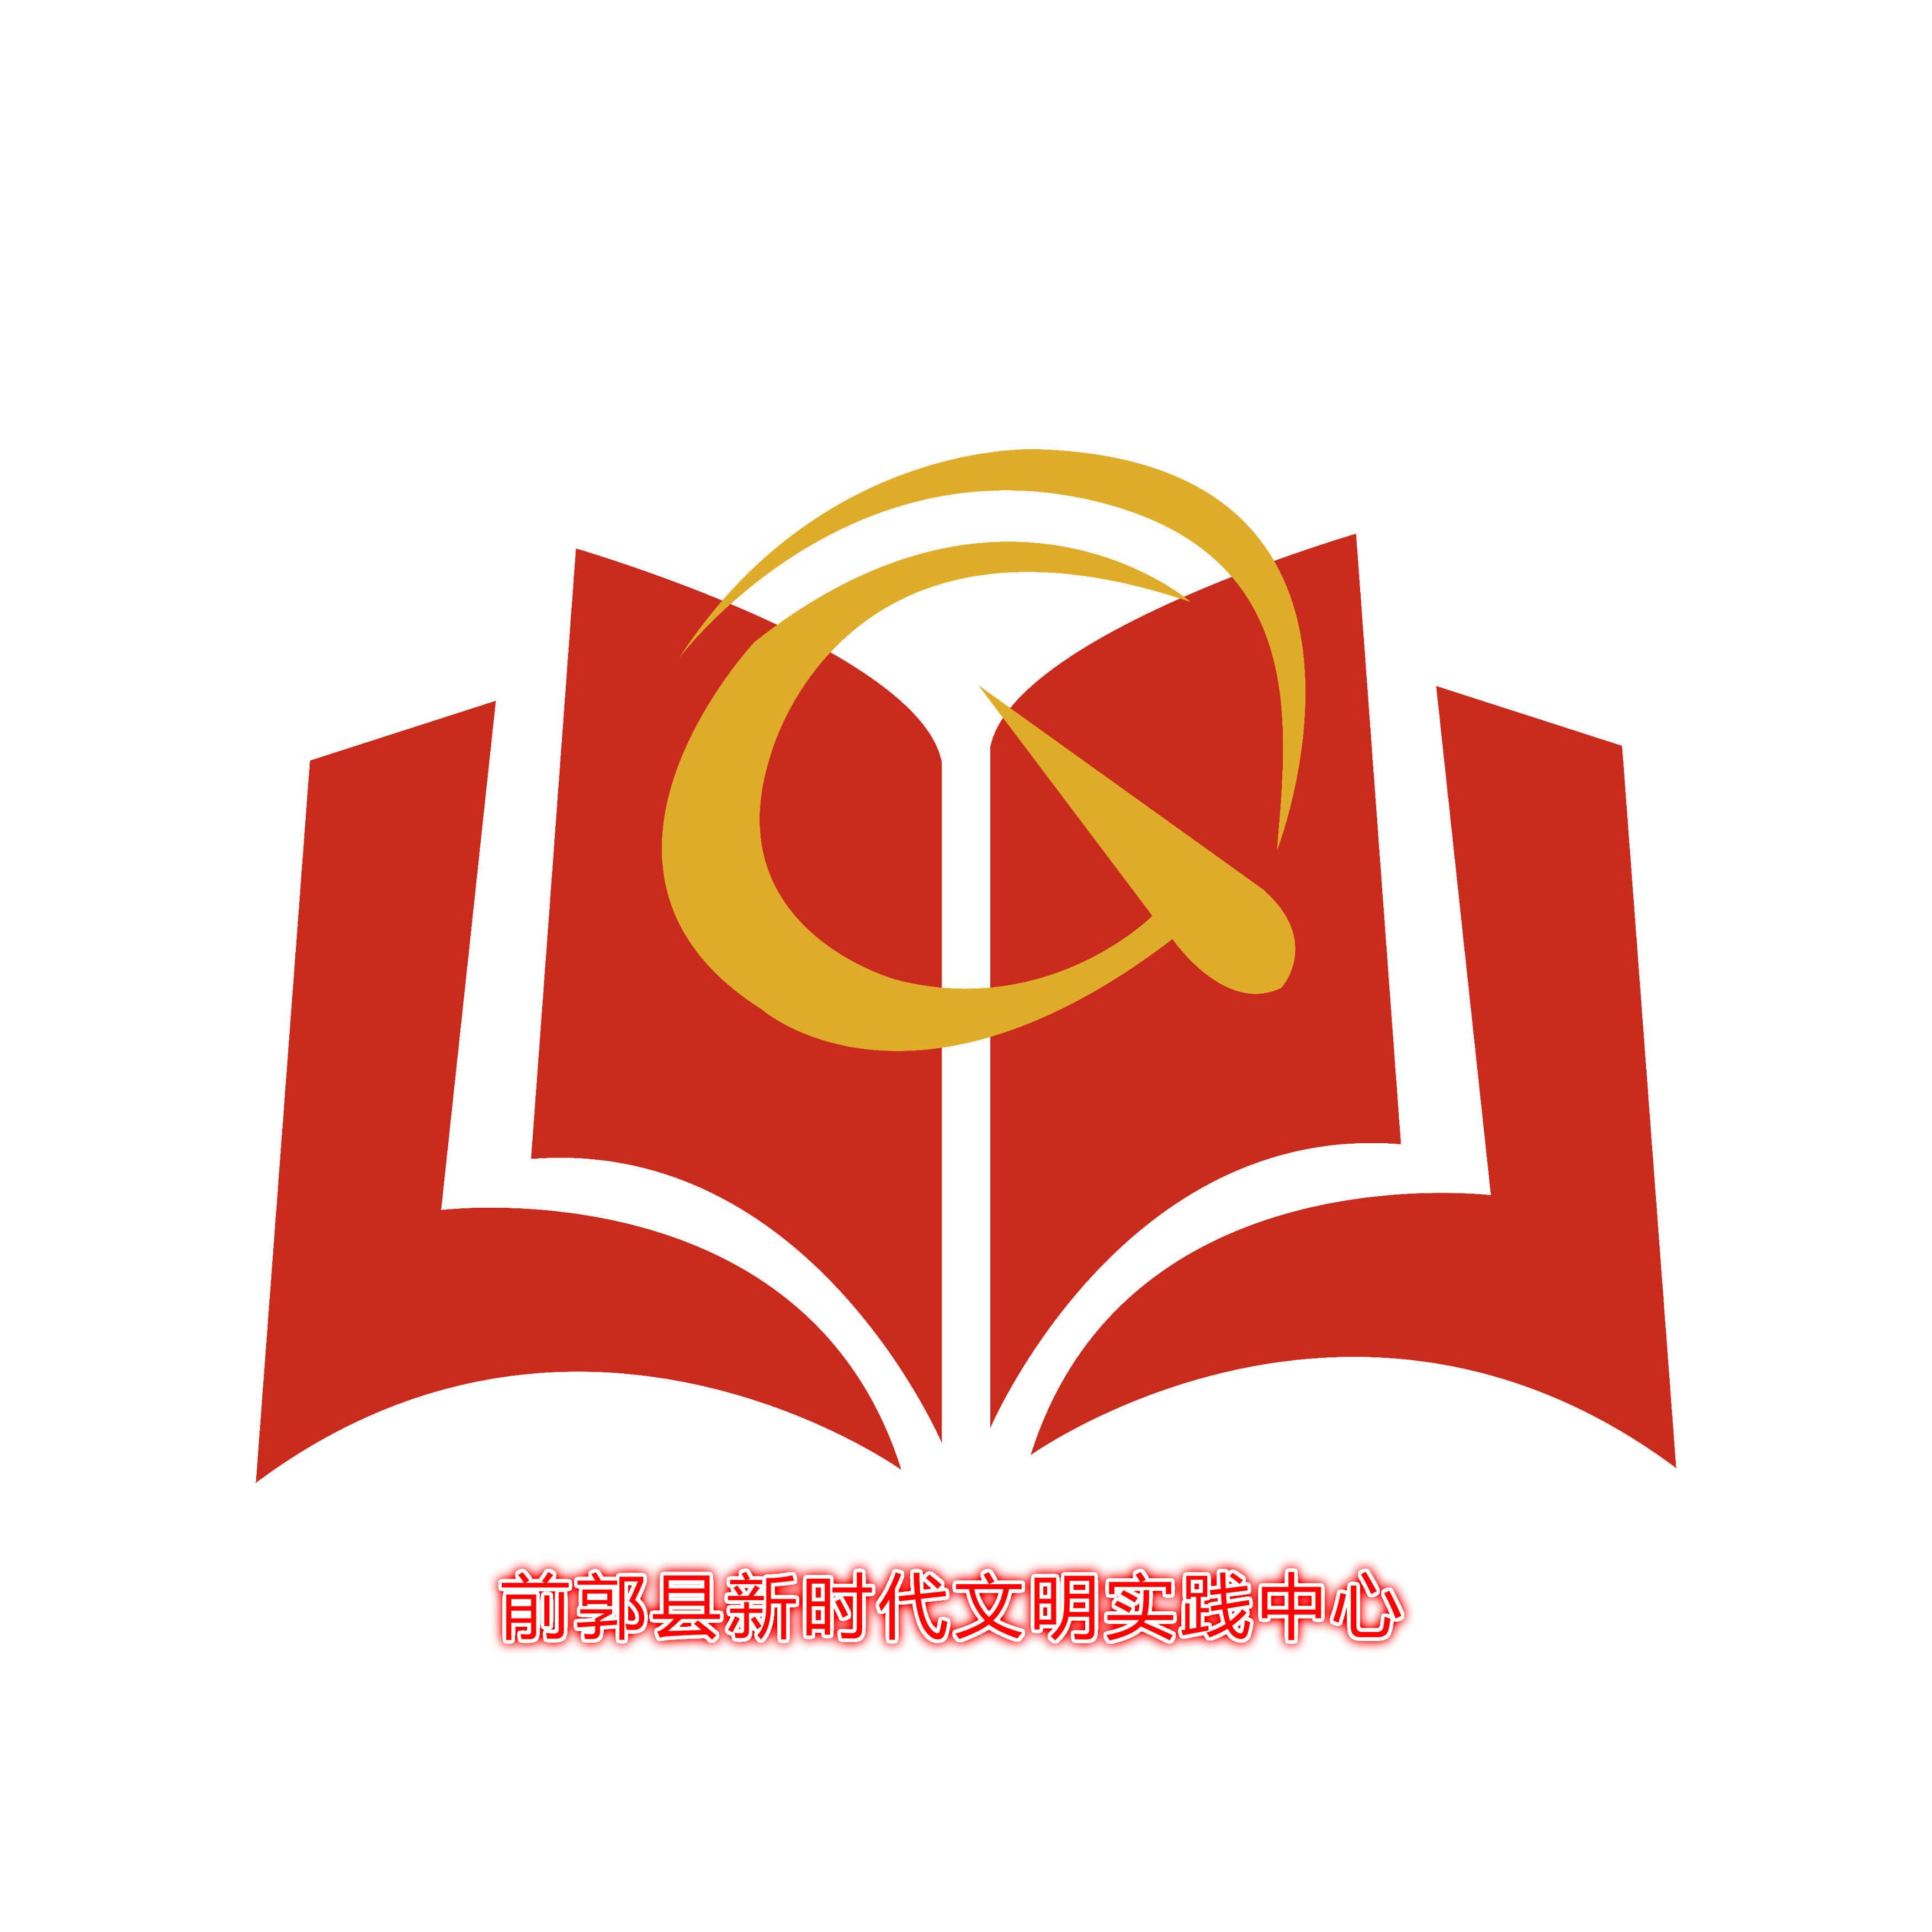 【我为群众办实事】前郭县图书馆携手粉笔教育开展公益赠书活动